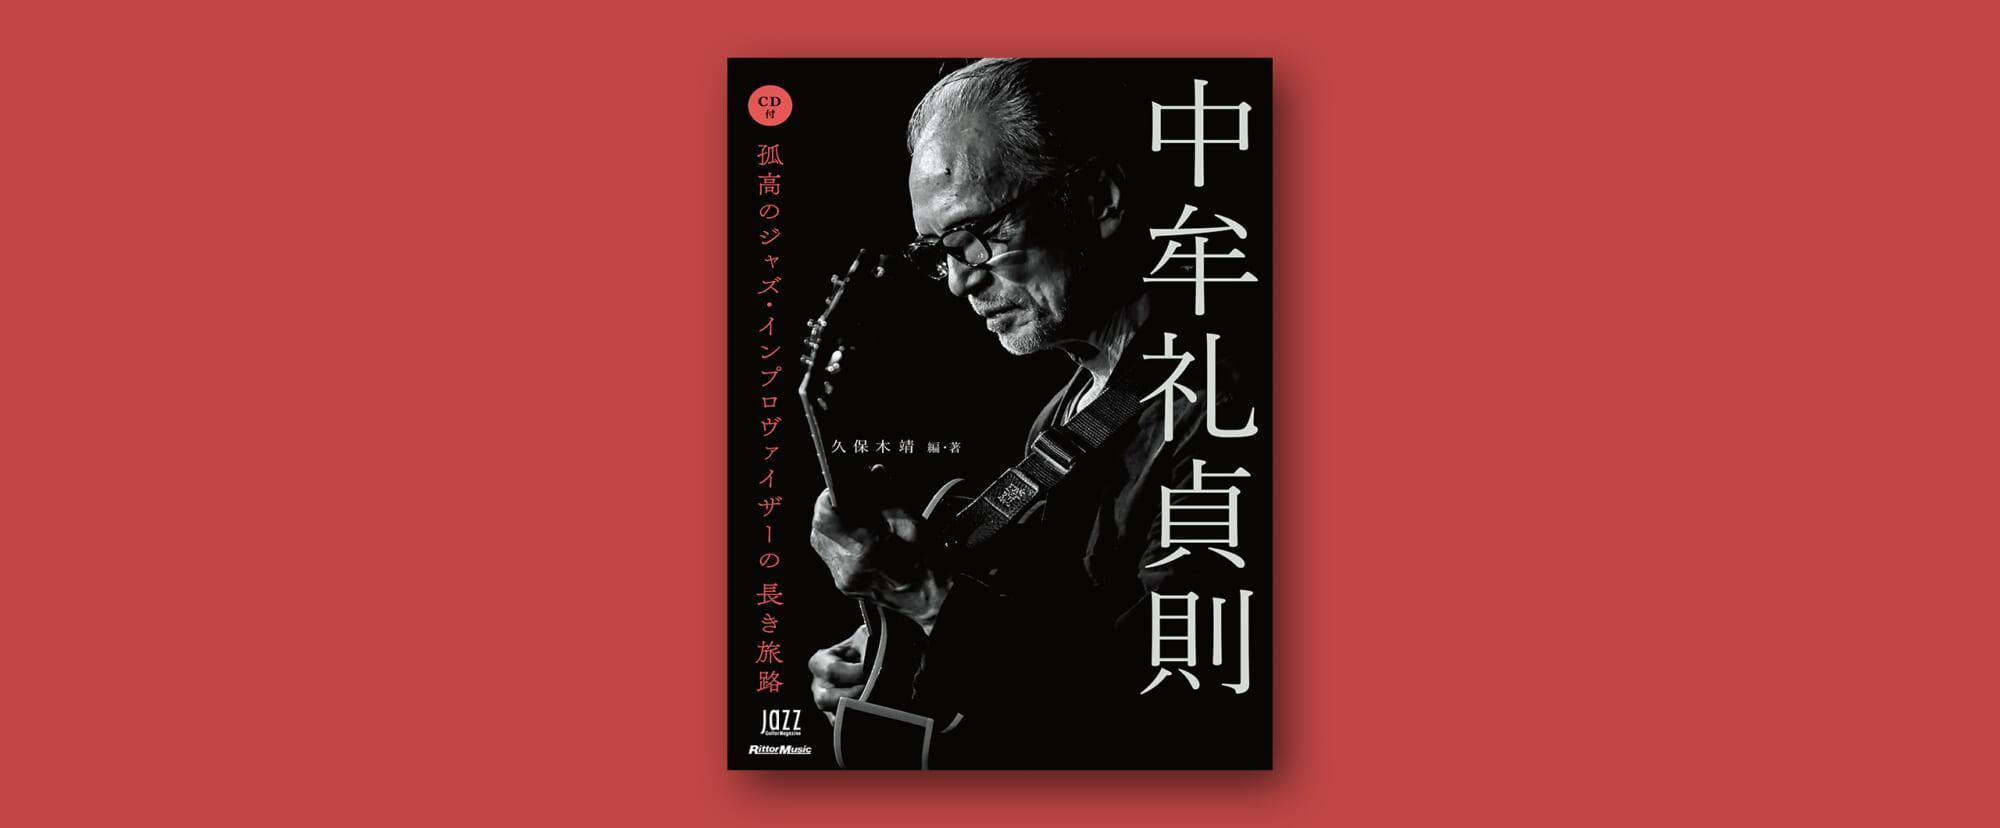 中牟礼貞則の長き旅路をたどるインタビュー集付録CDには50年代の音源も収録